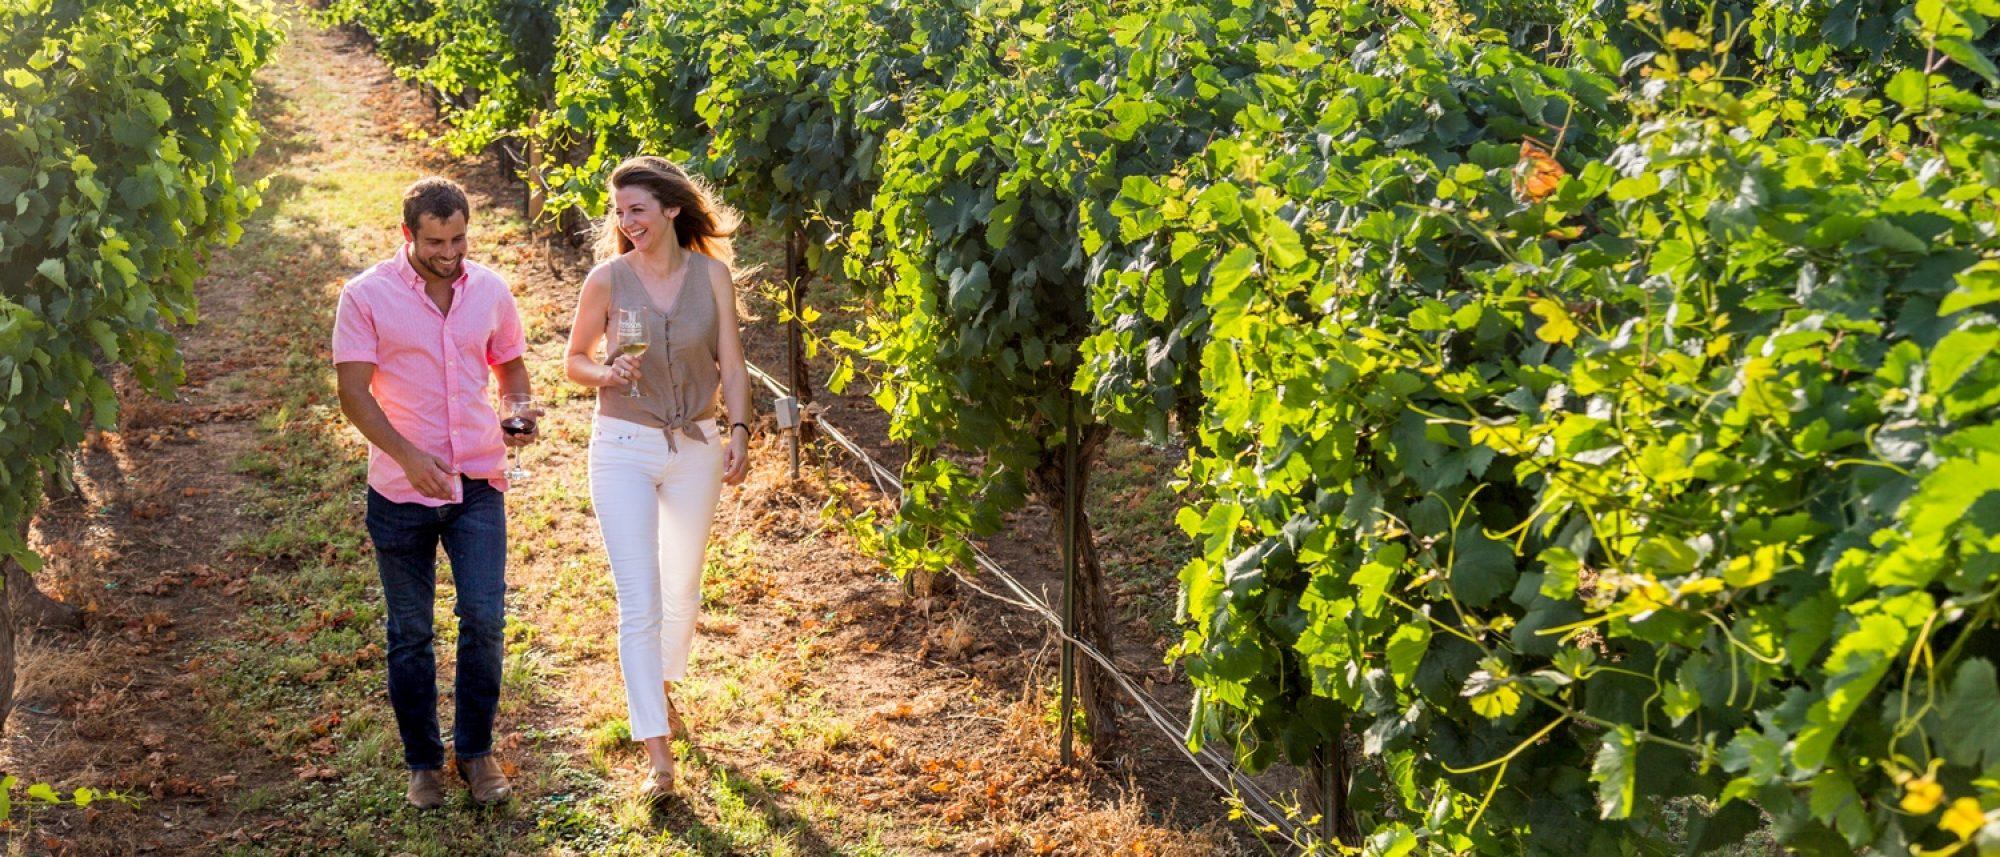 Couple walking in vinyard wide